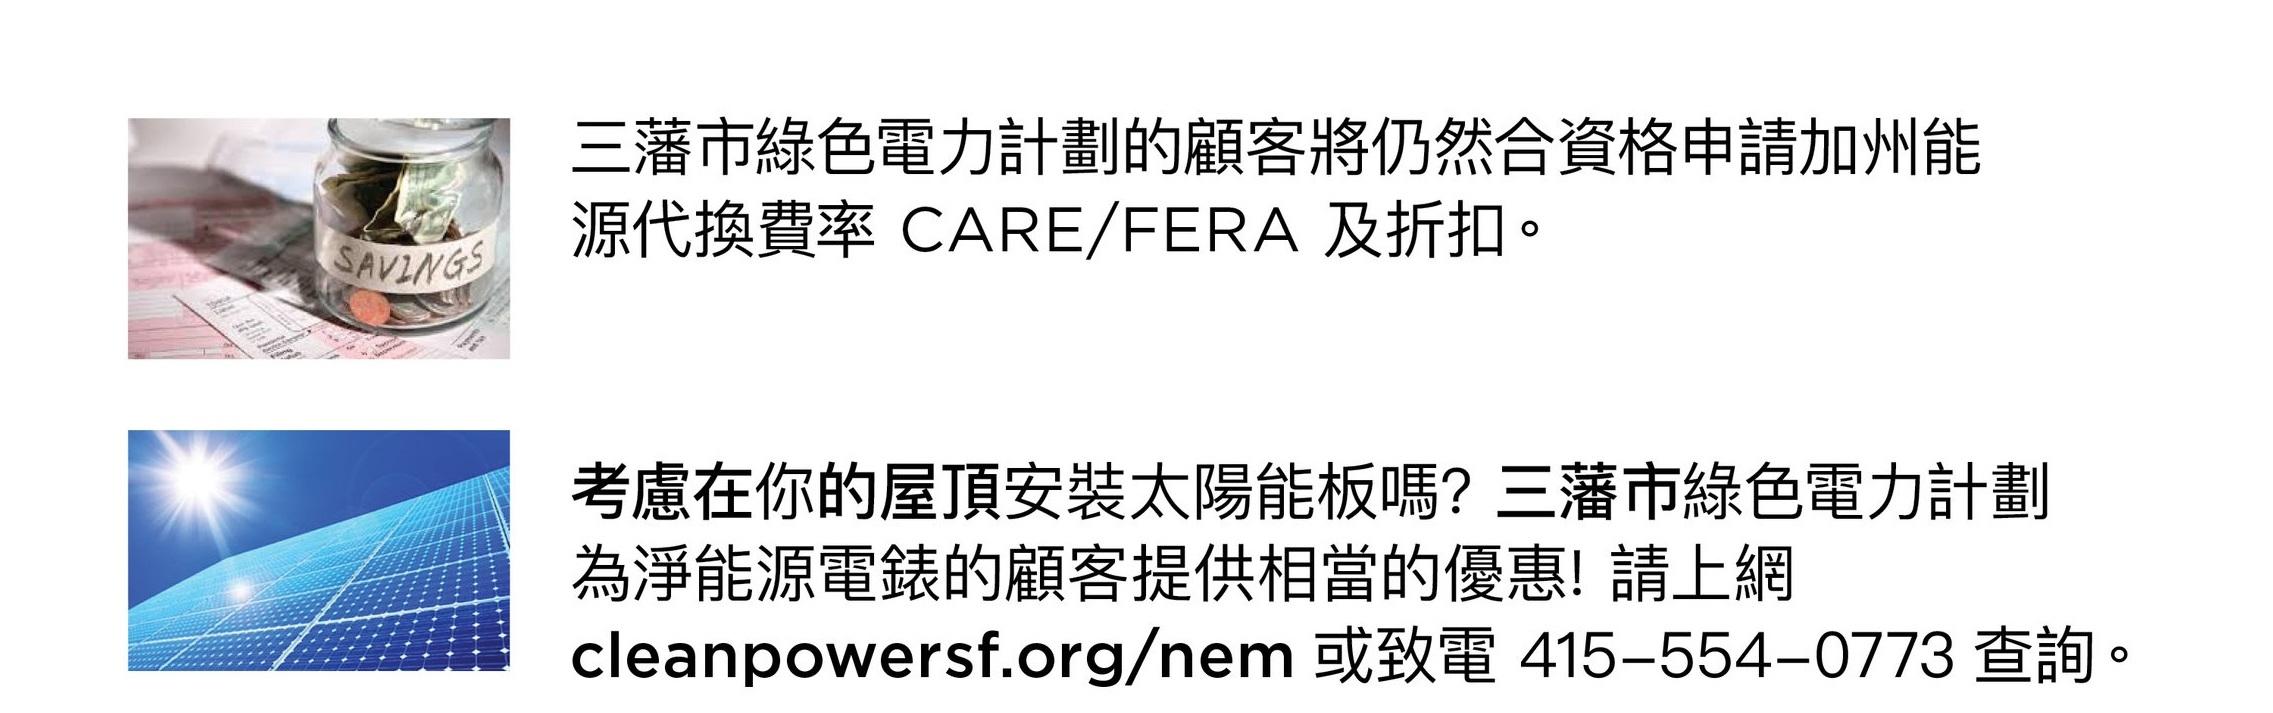 CPSF_Brochure_CN_III_pb_103018_v05%2Bfor%2Bweb3.jpg